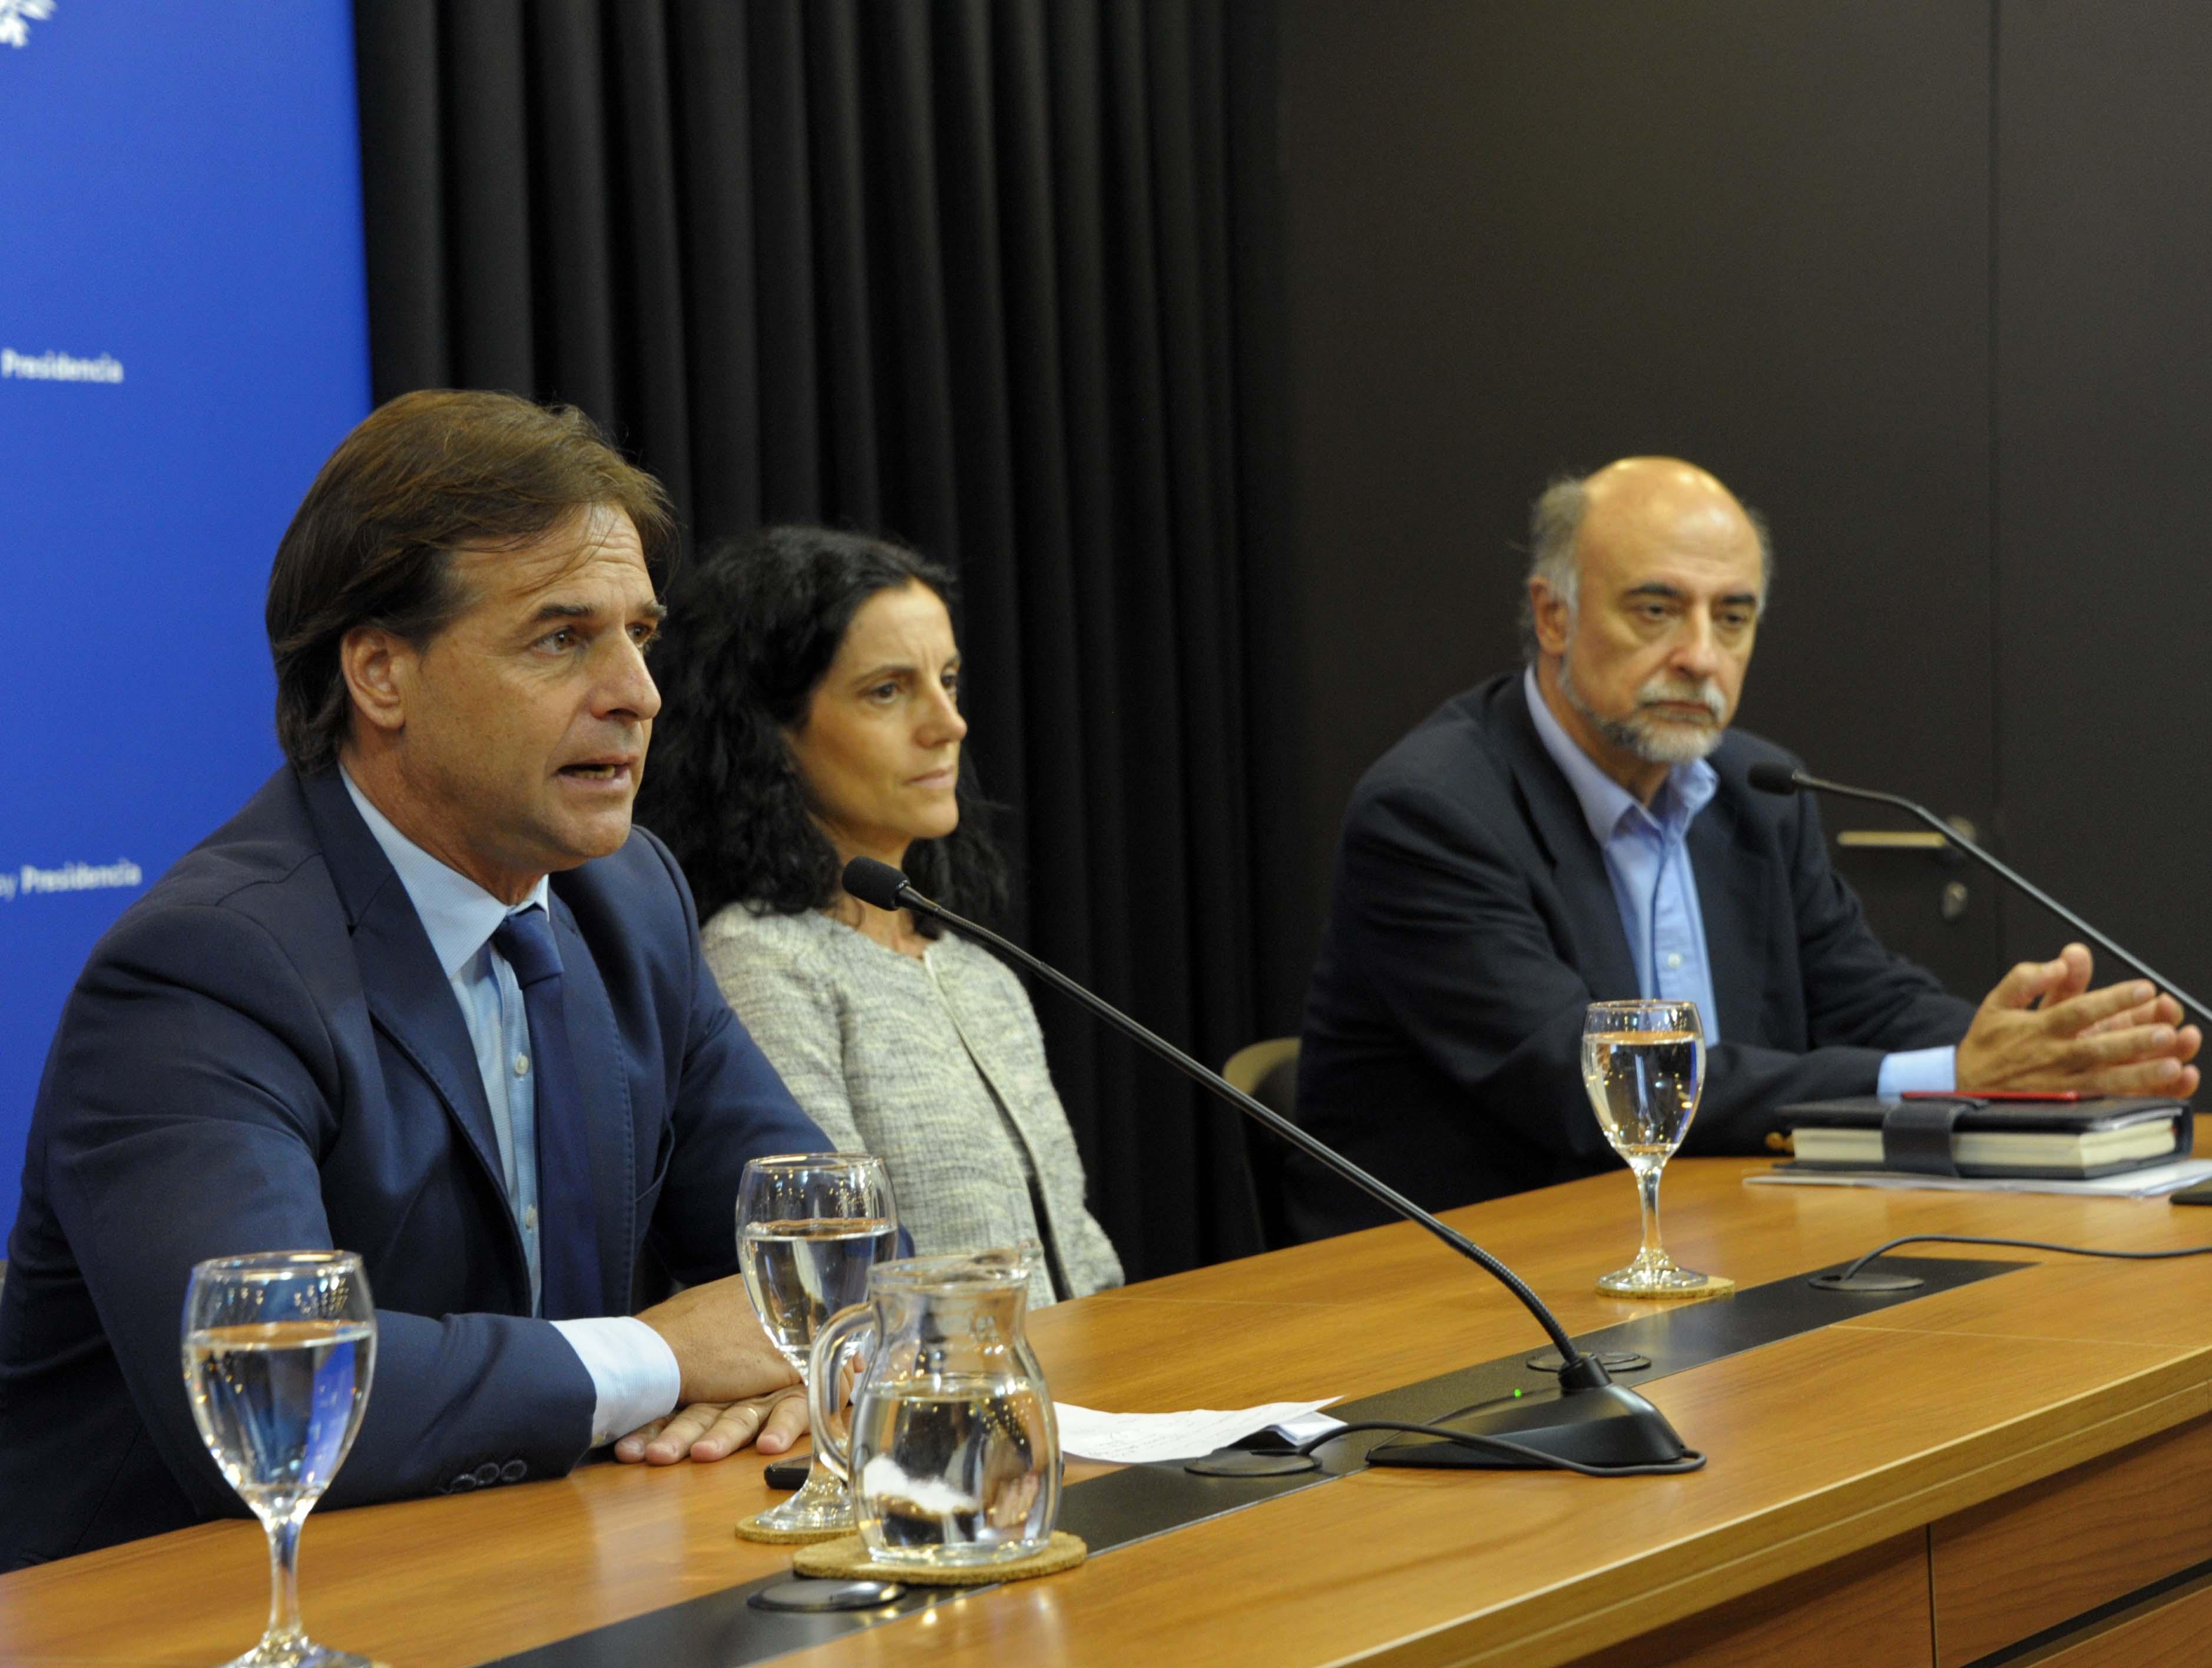 Presidente Luis Lacalle Pou, ministra de Economía y Finanzas, Azucena Arbeleche, y Pablo Mieres, ministro de Trabajo y Seguridad Social